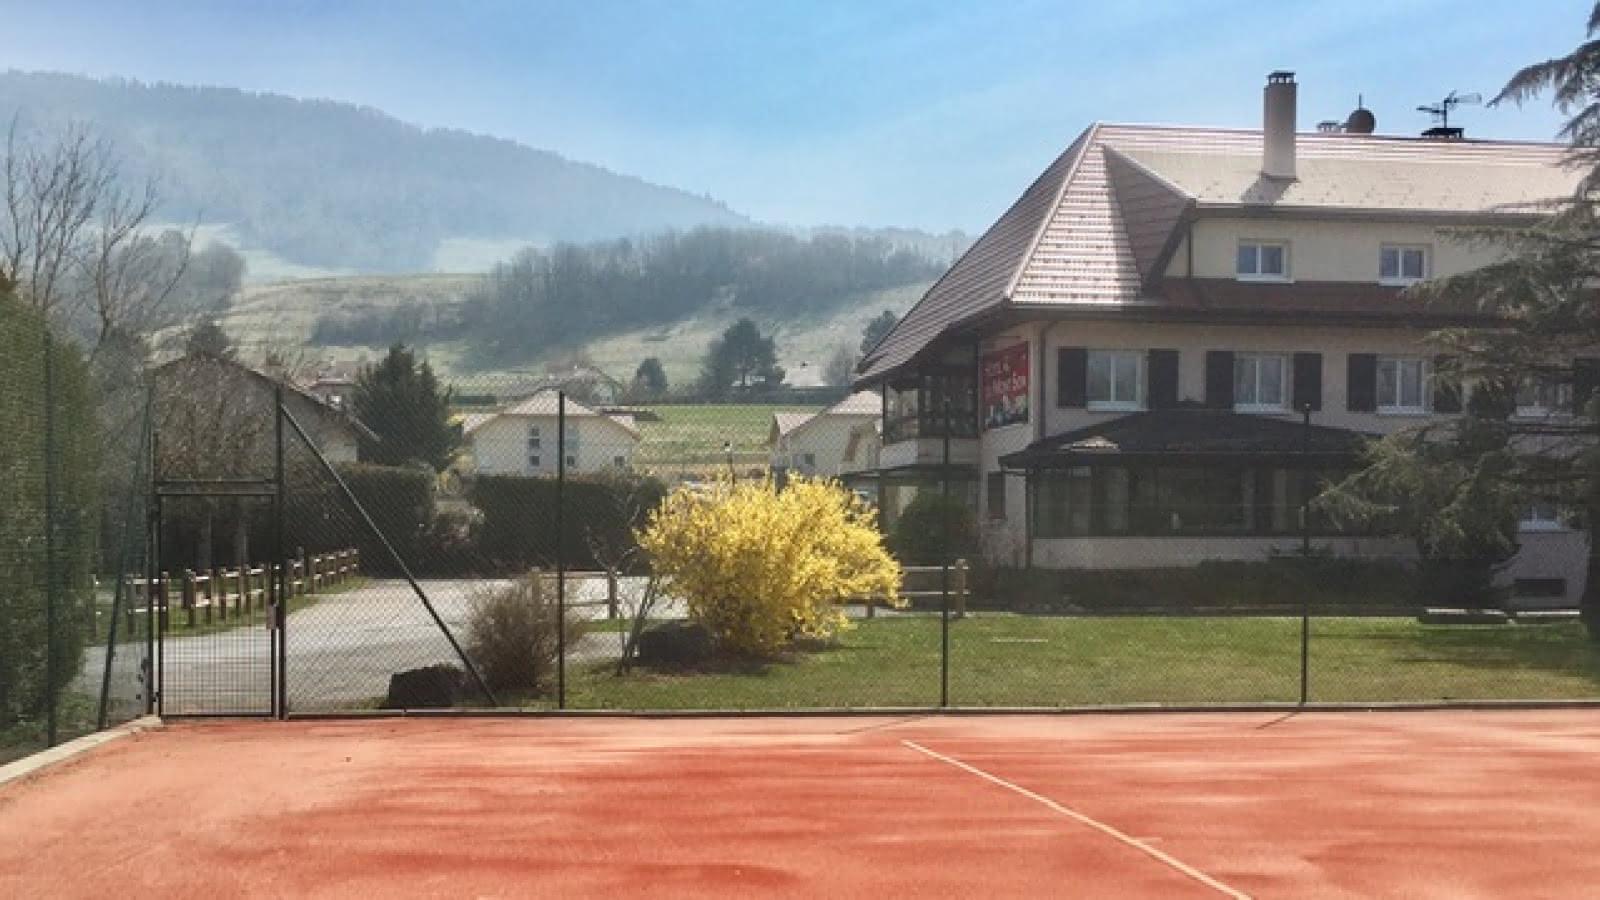 Hôtel et cours de tennis